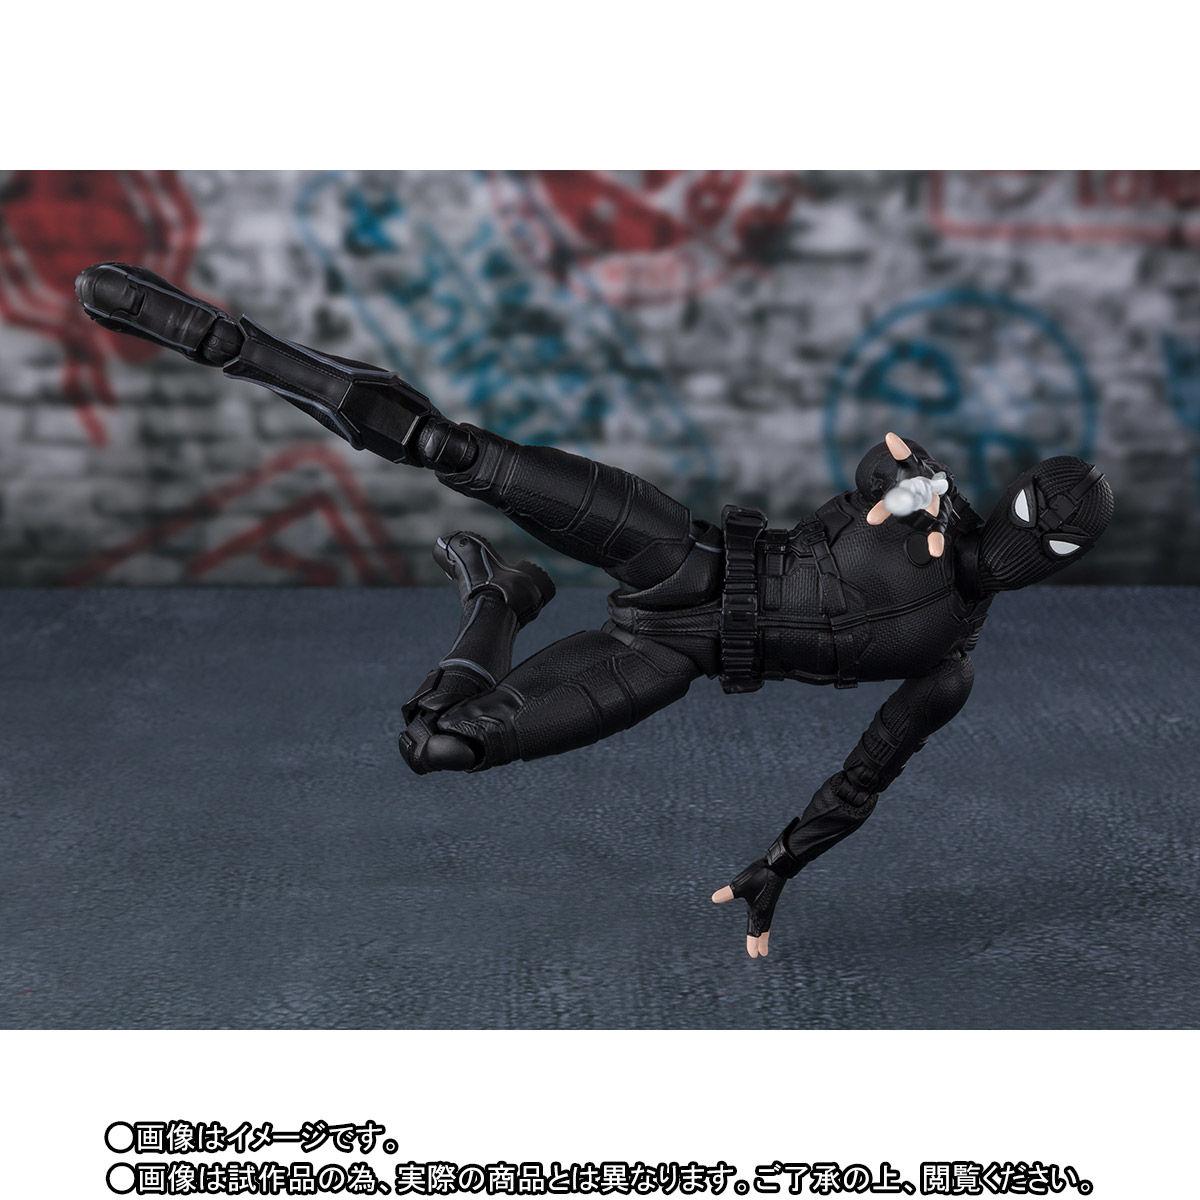 S.H.Figuarts『スパイダーマン ステルス・スーツ』スパイダーマン:ファー・フロム・ホーム アクションフィギュア-002